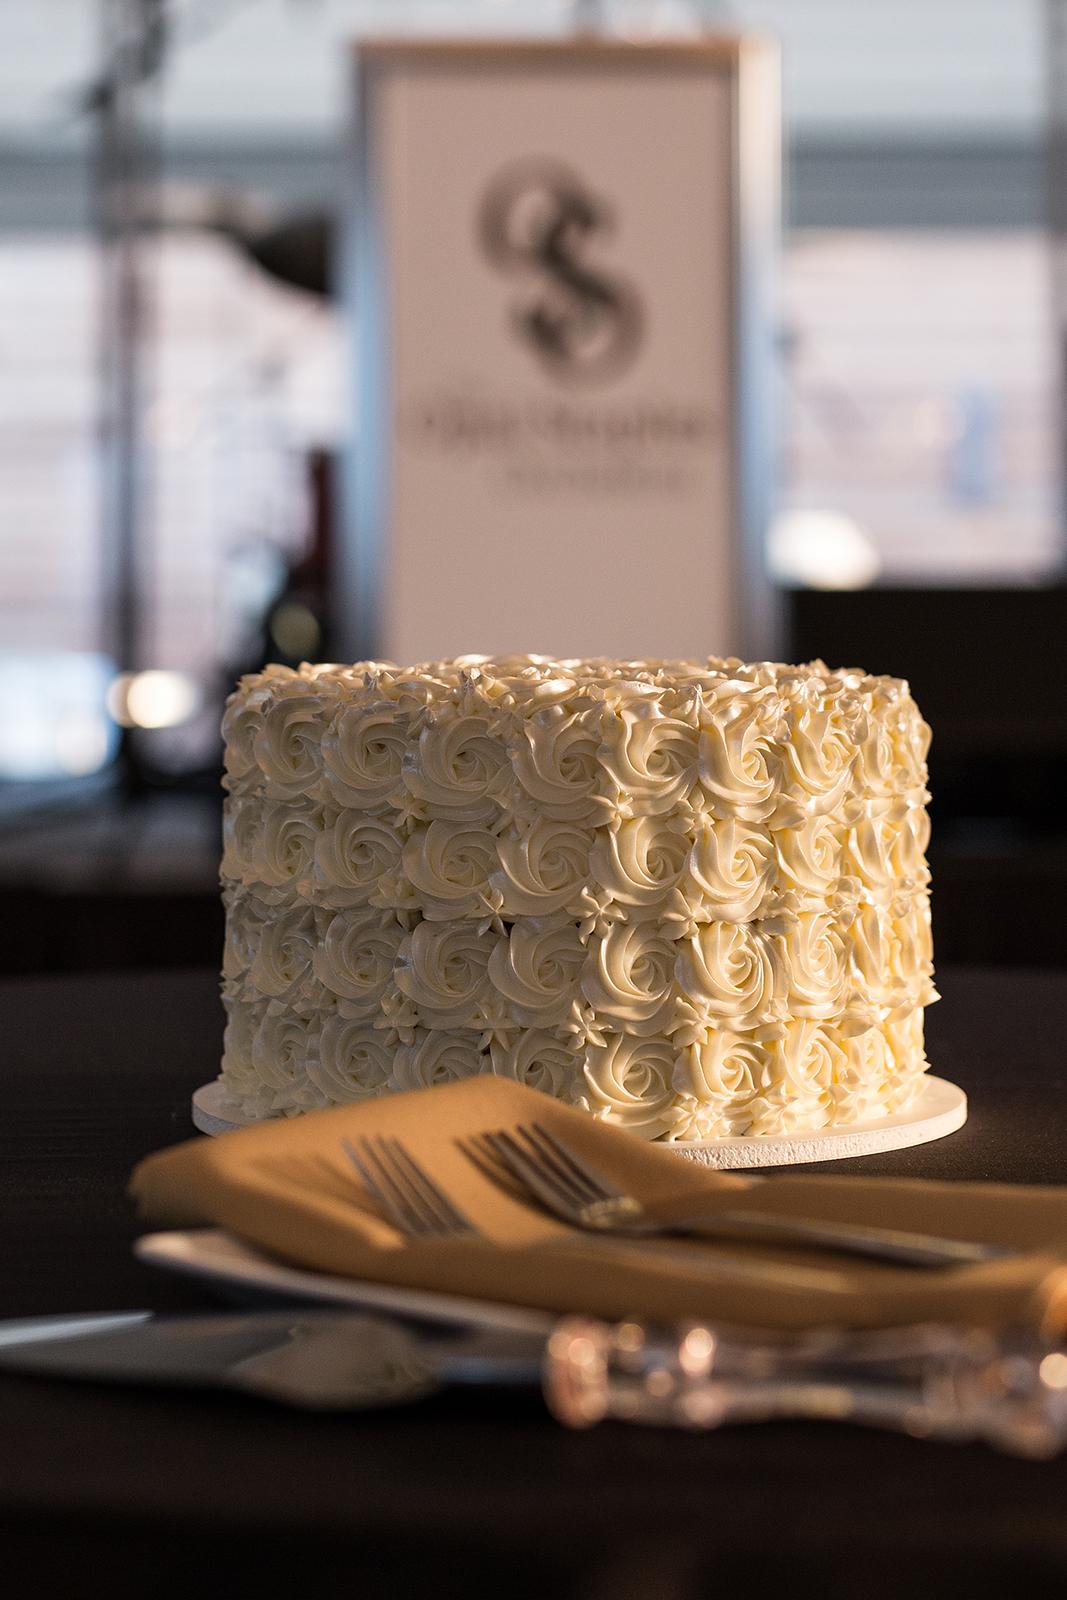 Wedding Cake at Galleria Marchetti